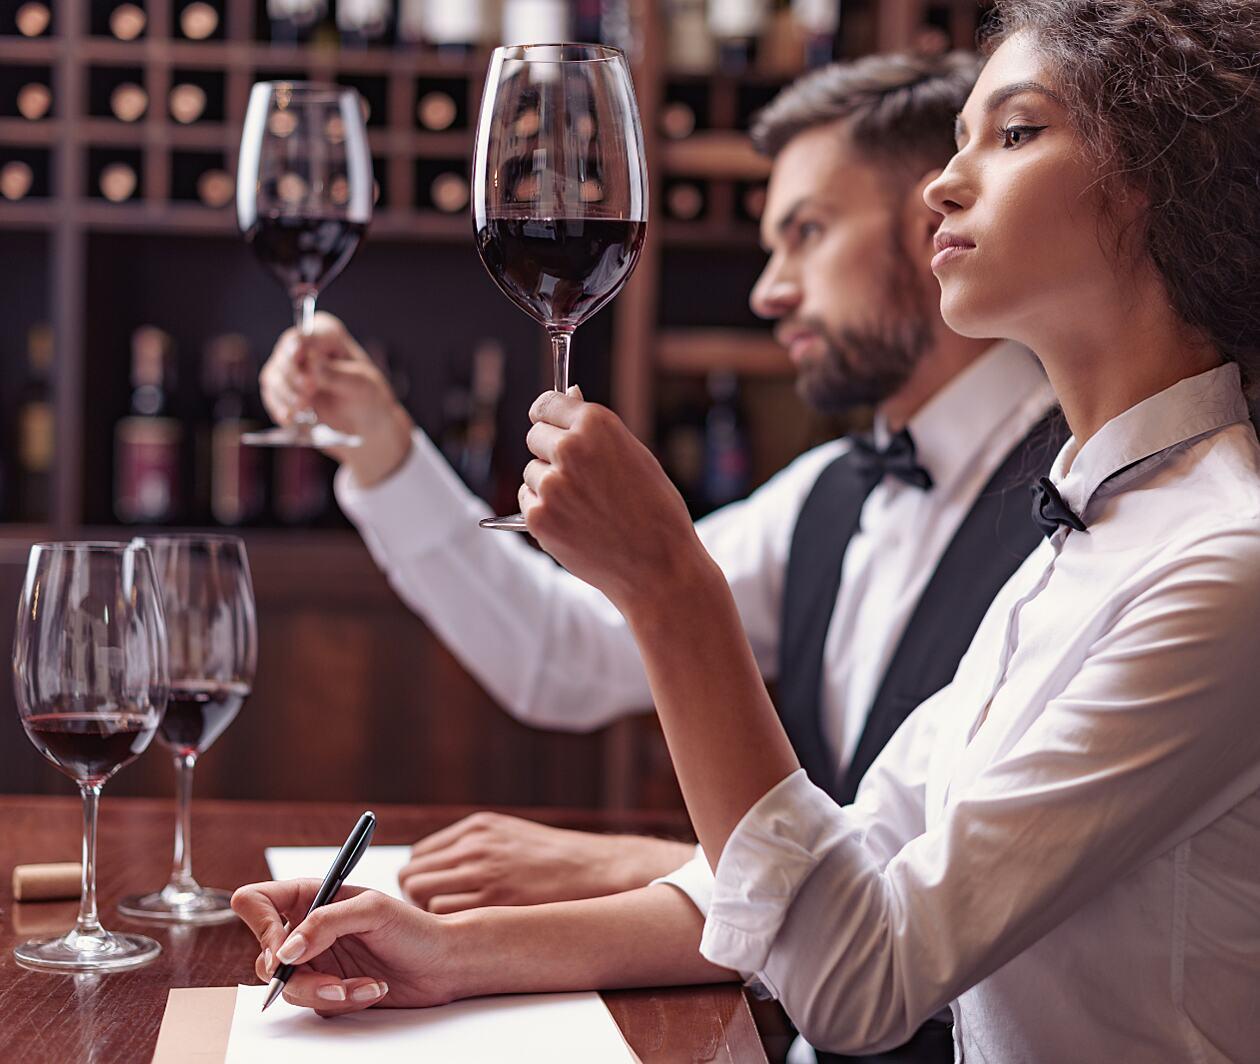 Mastering Wine Tasting